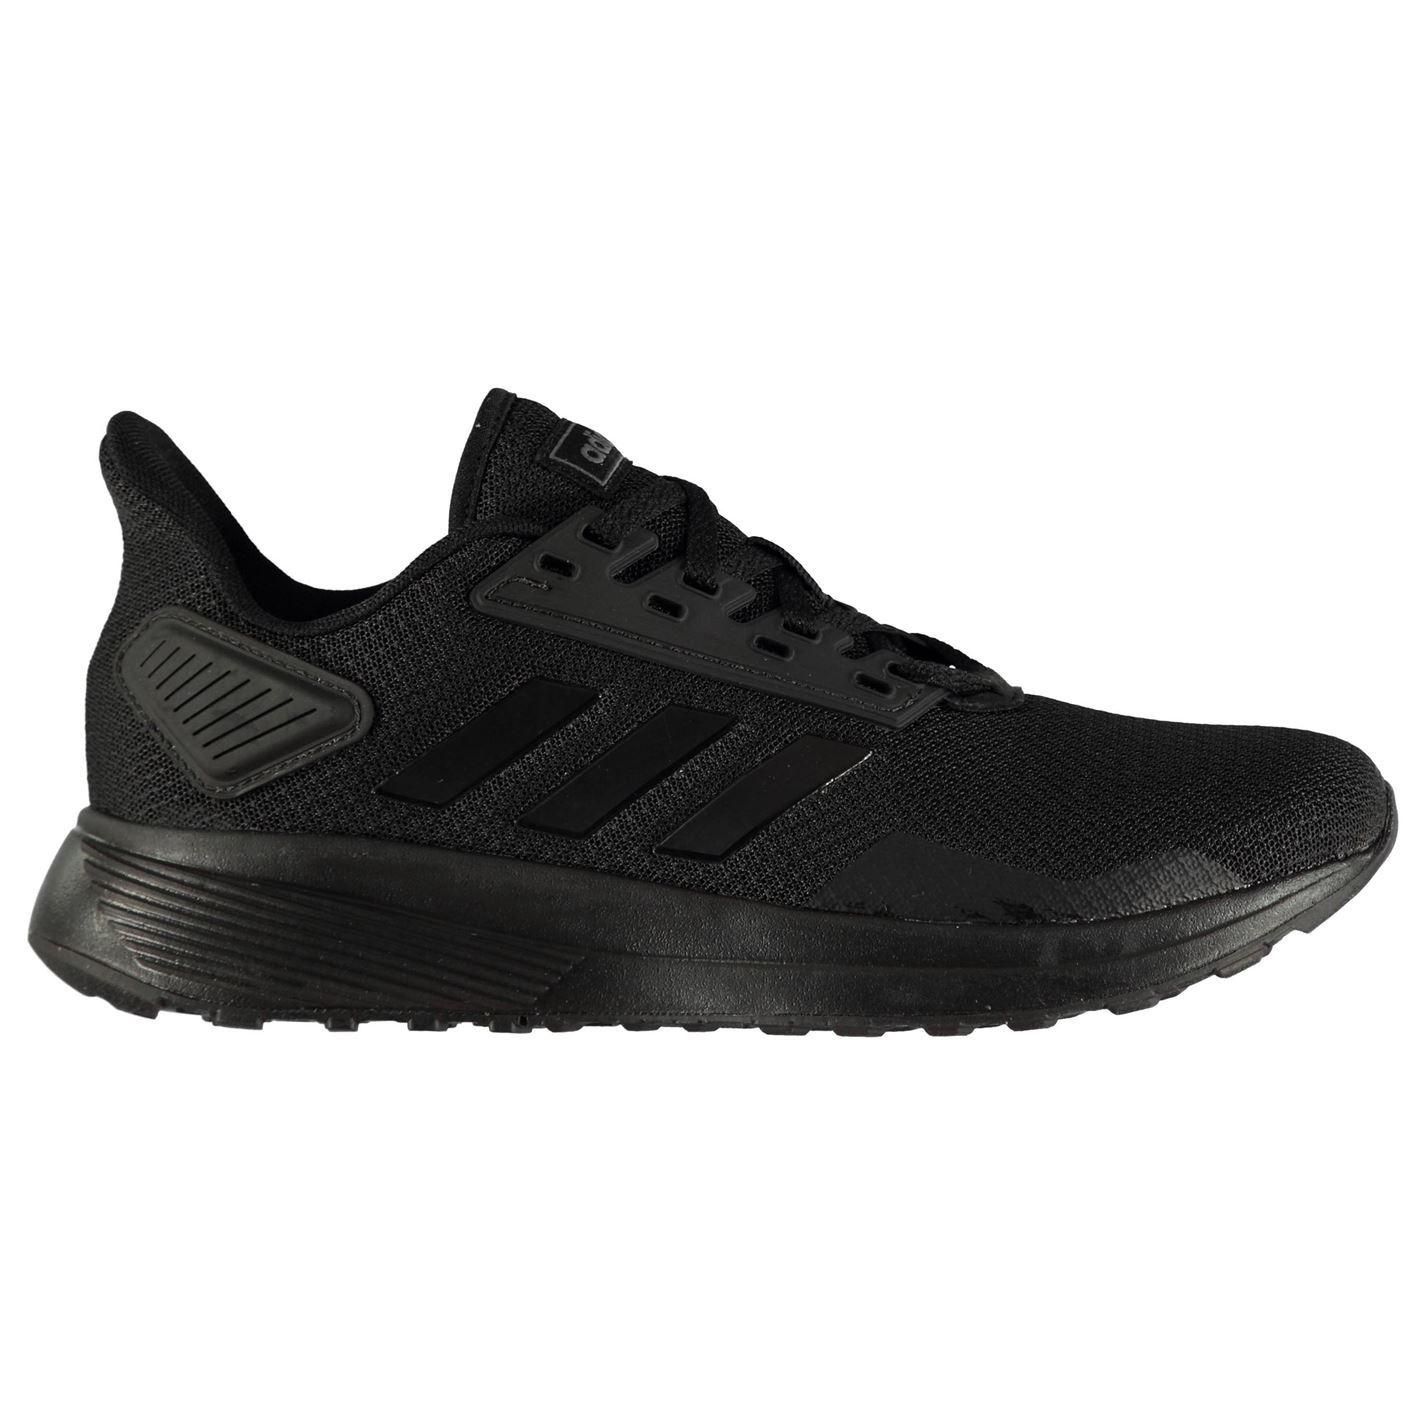 Adidas Duramo 9 zapatillas Hombre señores corredores cordones sujetan sujetan cordones ventilado Ortholite barato y hermoso moda 71e753